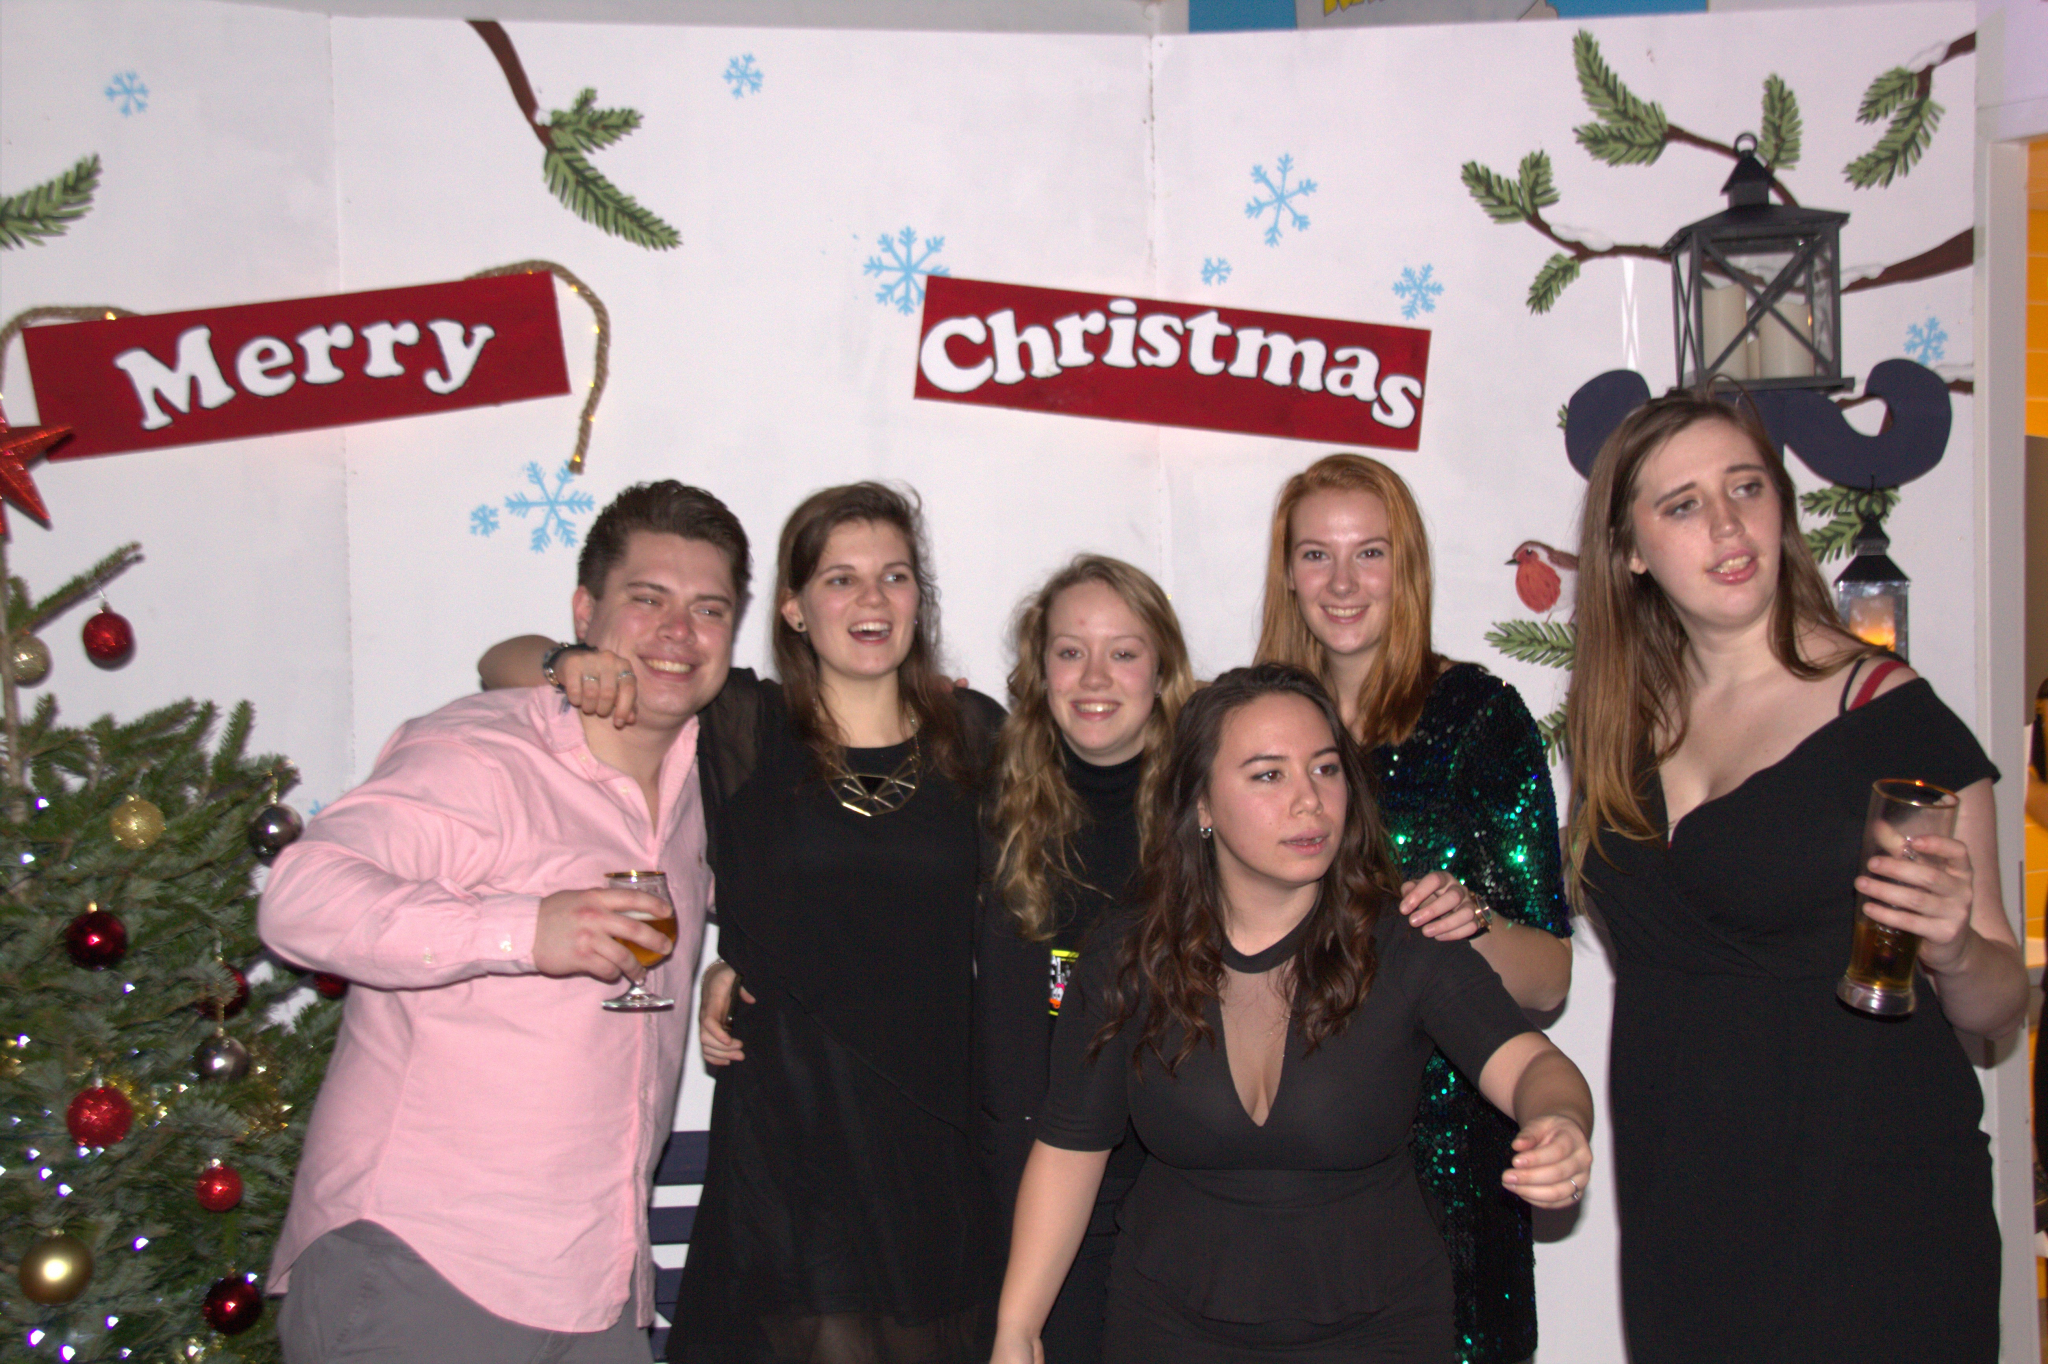 Kerstfeest_222